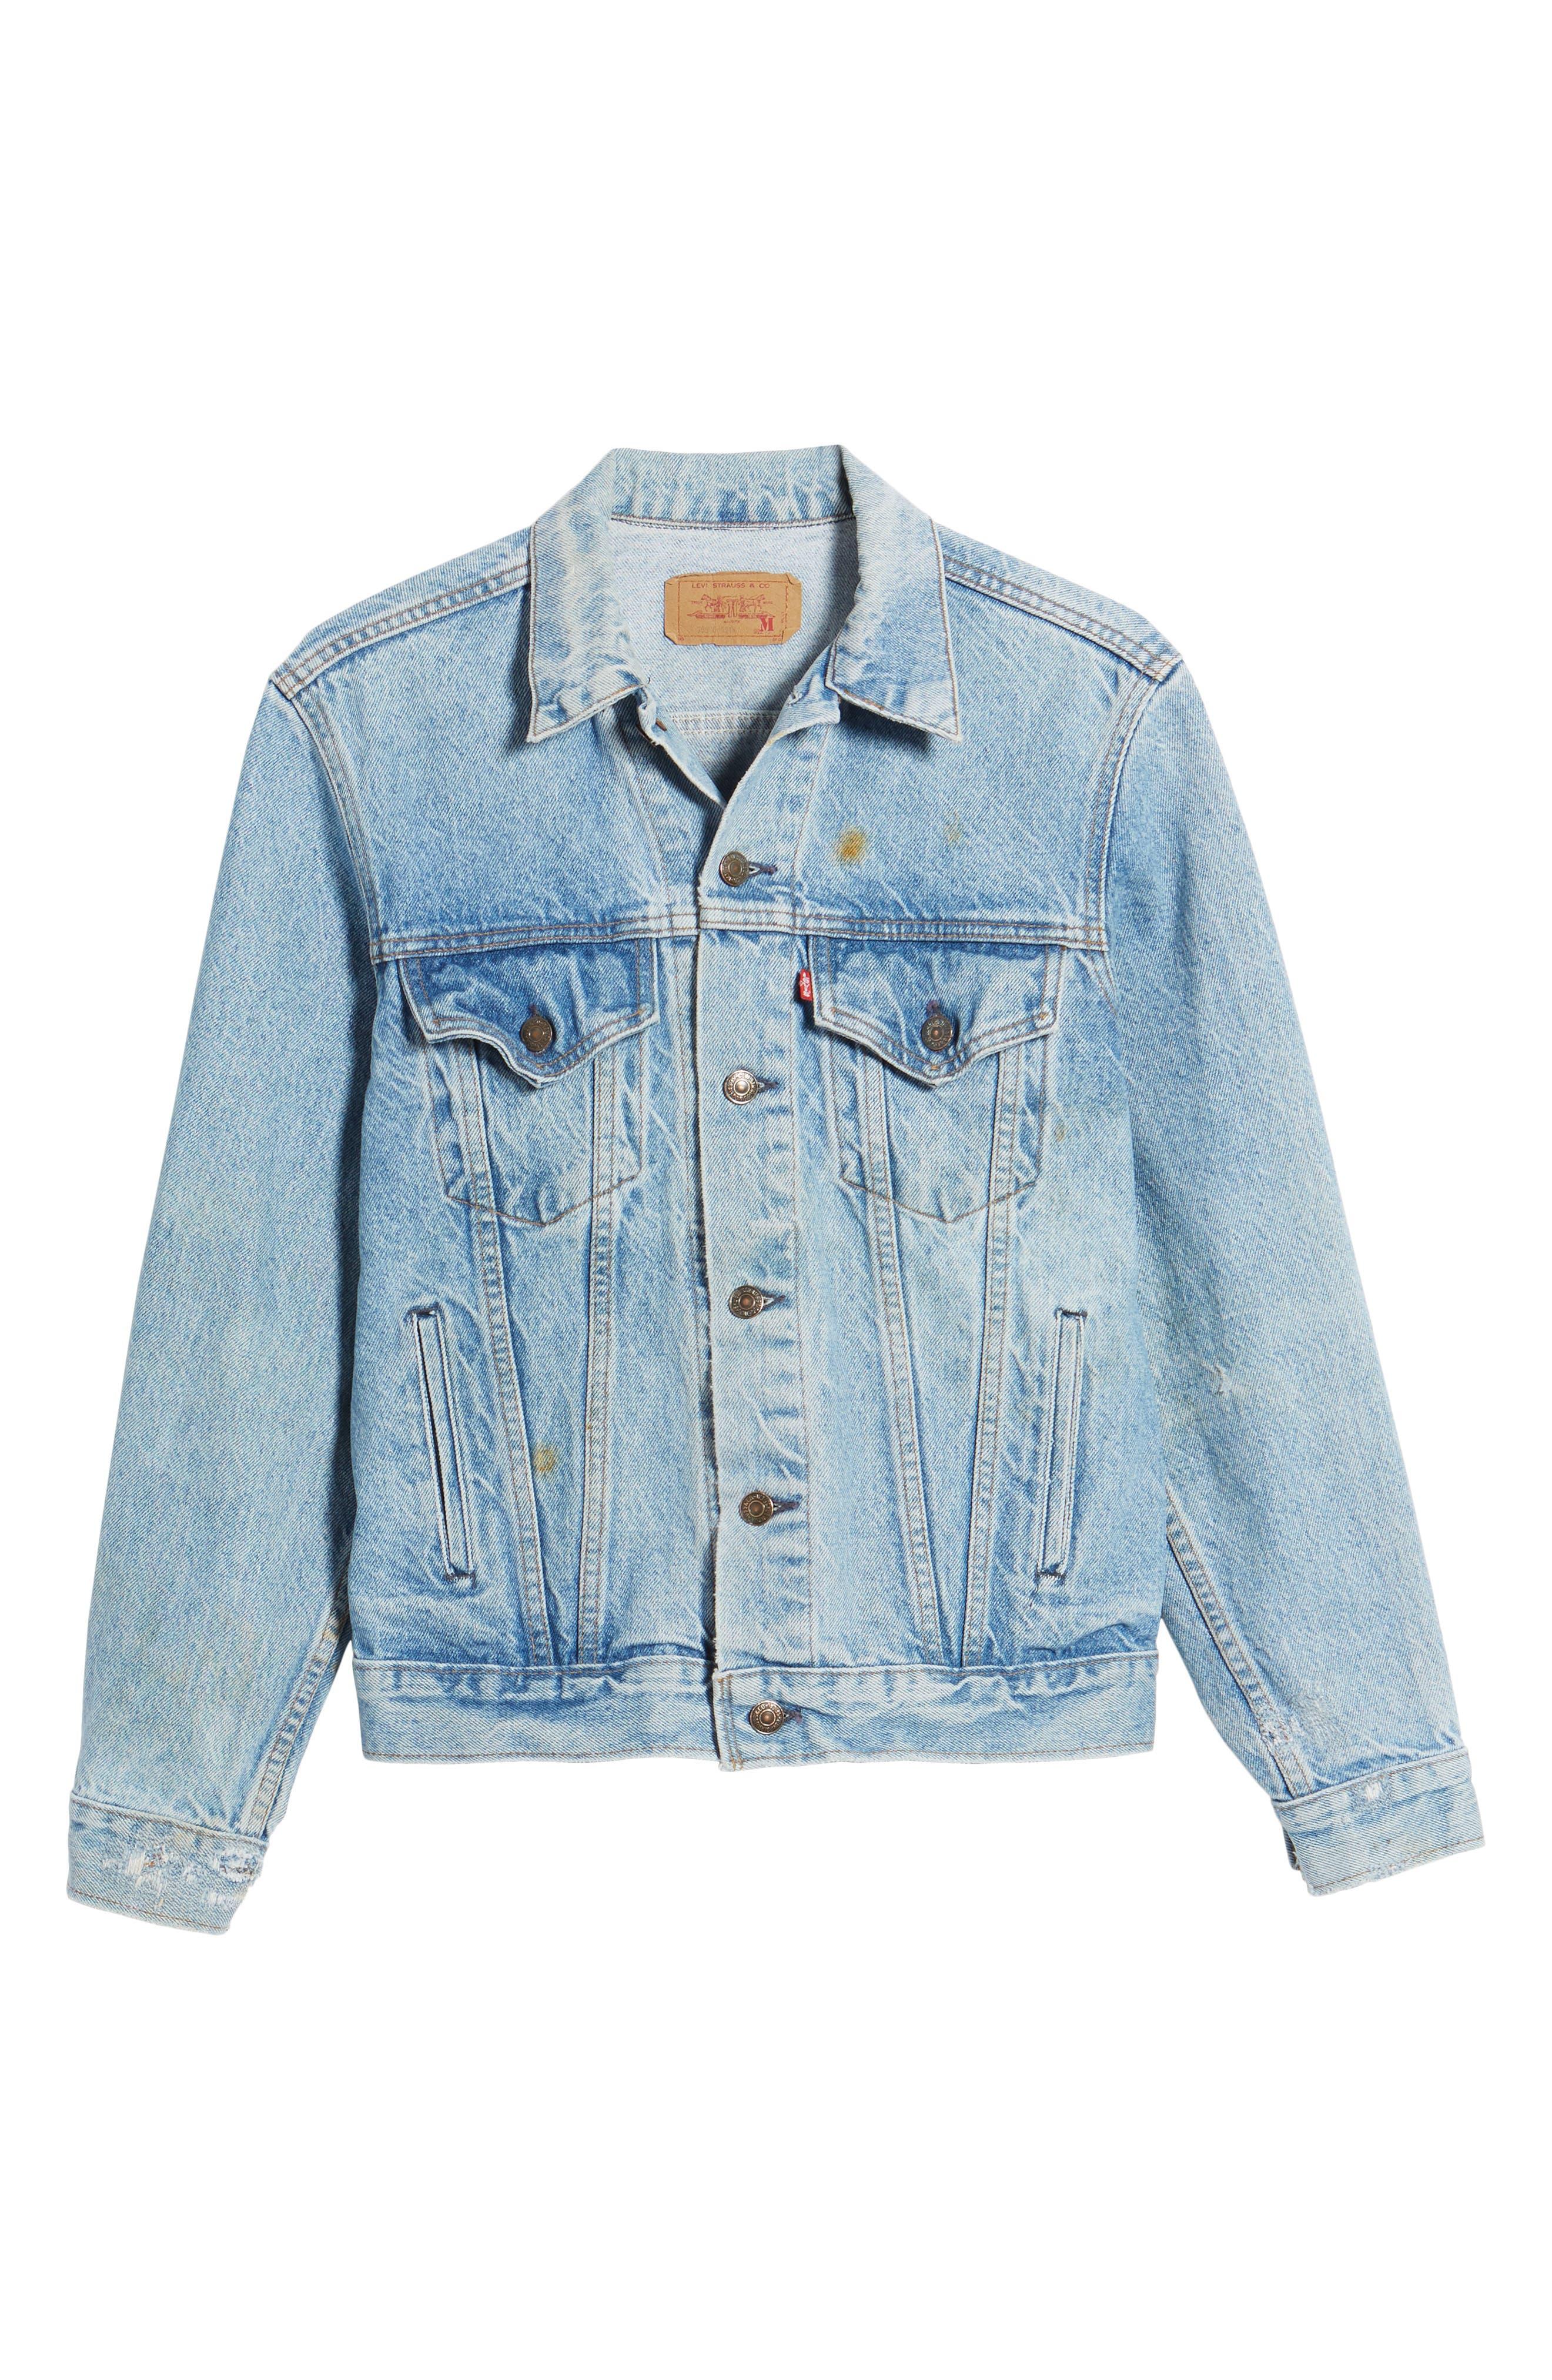 Authorized Vintage Trucker Jacket,                             Alternate thumbnail 5, color,                             AV BLUE